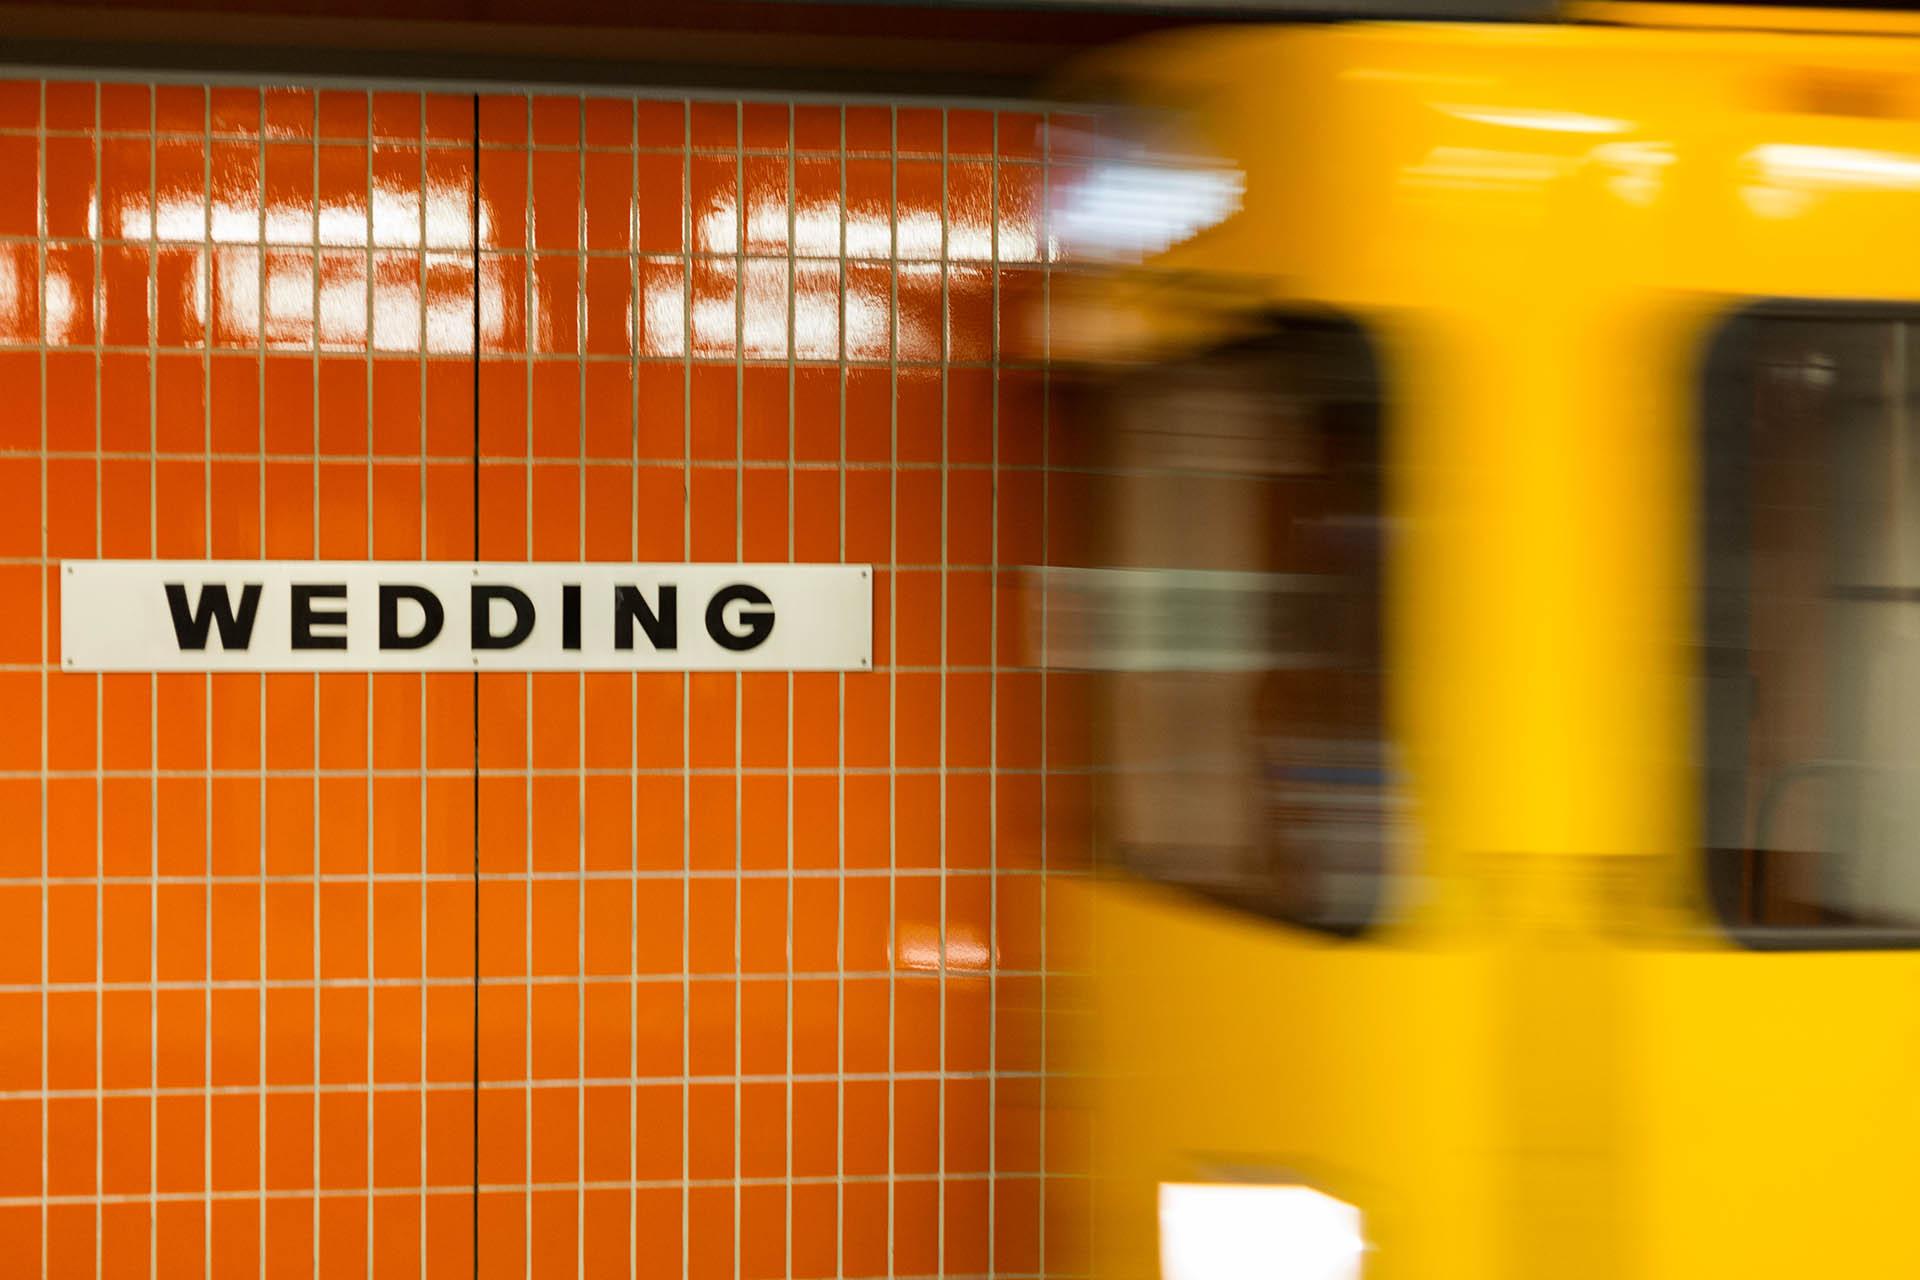 """""""Desde sus clásicas experiencias de pub alemán hasta sus espectáculos de arte subterráneos, Wedding es un recordatorio de lo que le dio a la capital alemana su atmósfera eléctrica en primer lugar"""""""